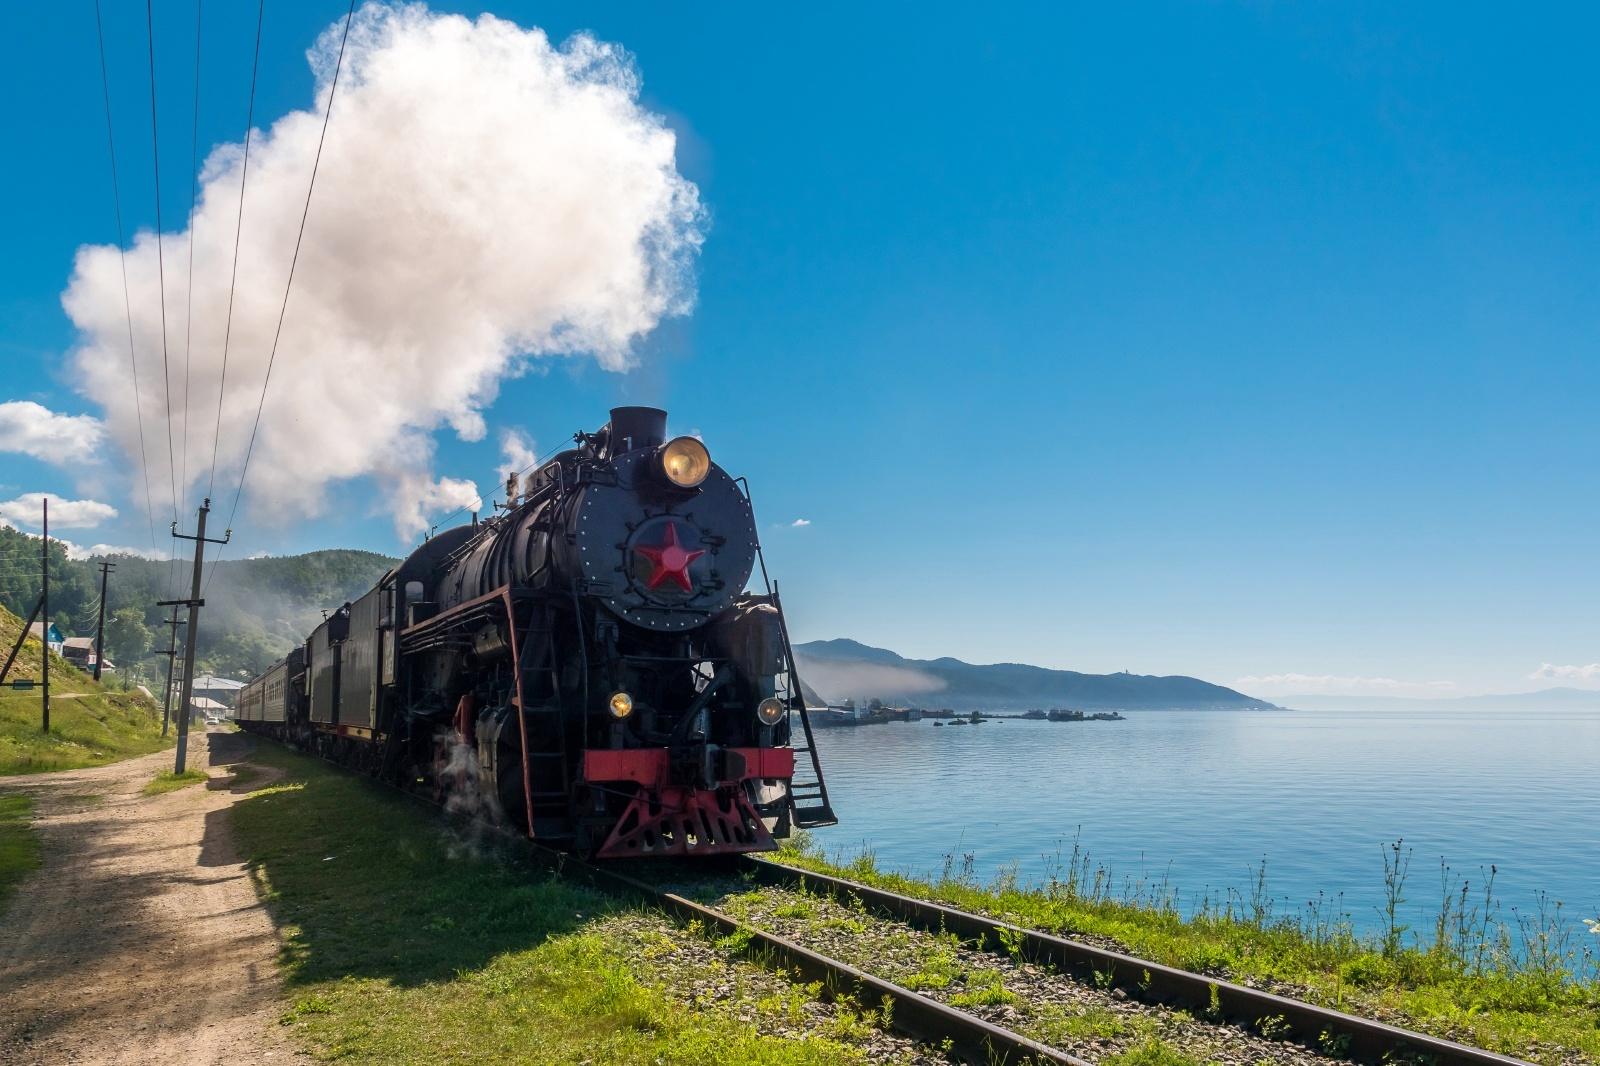 バイカル湖畔を走る蒸気機関車 ロシアの鉄道風景